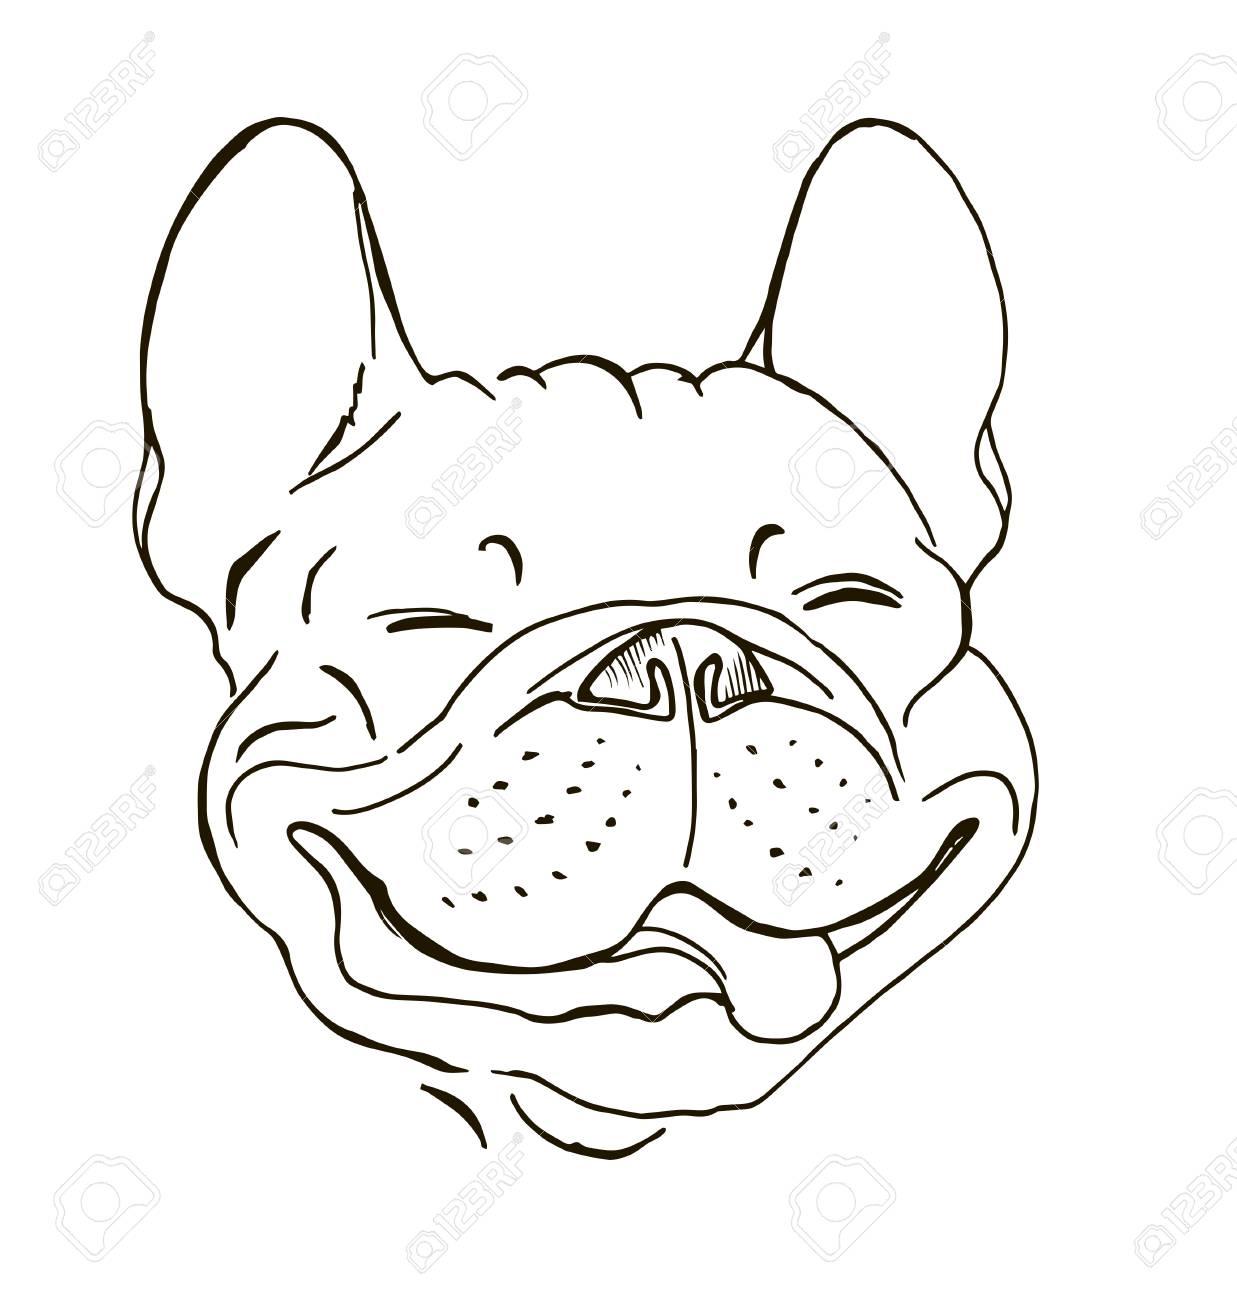 Bulldog Francés Retrato Cara De Perro Feliz Dibujo Ilustración Vectorial Gráfico Blanco Y Negro